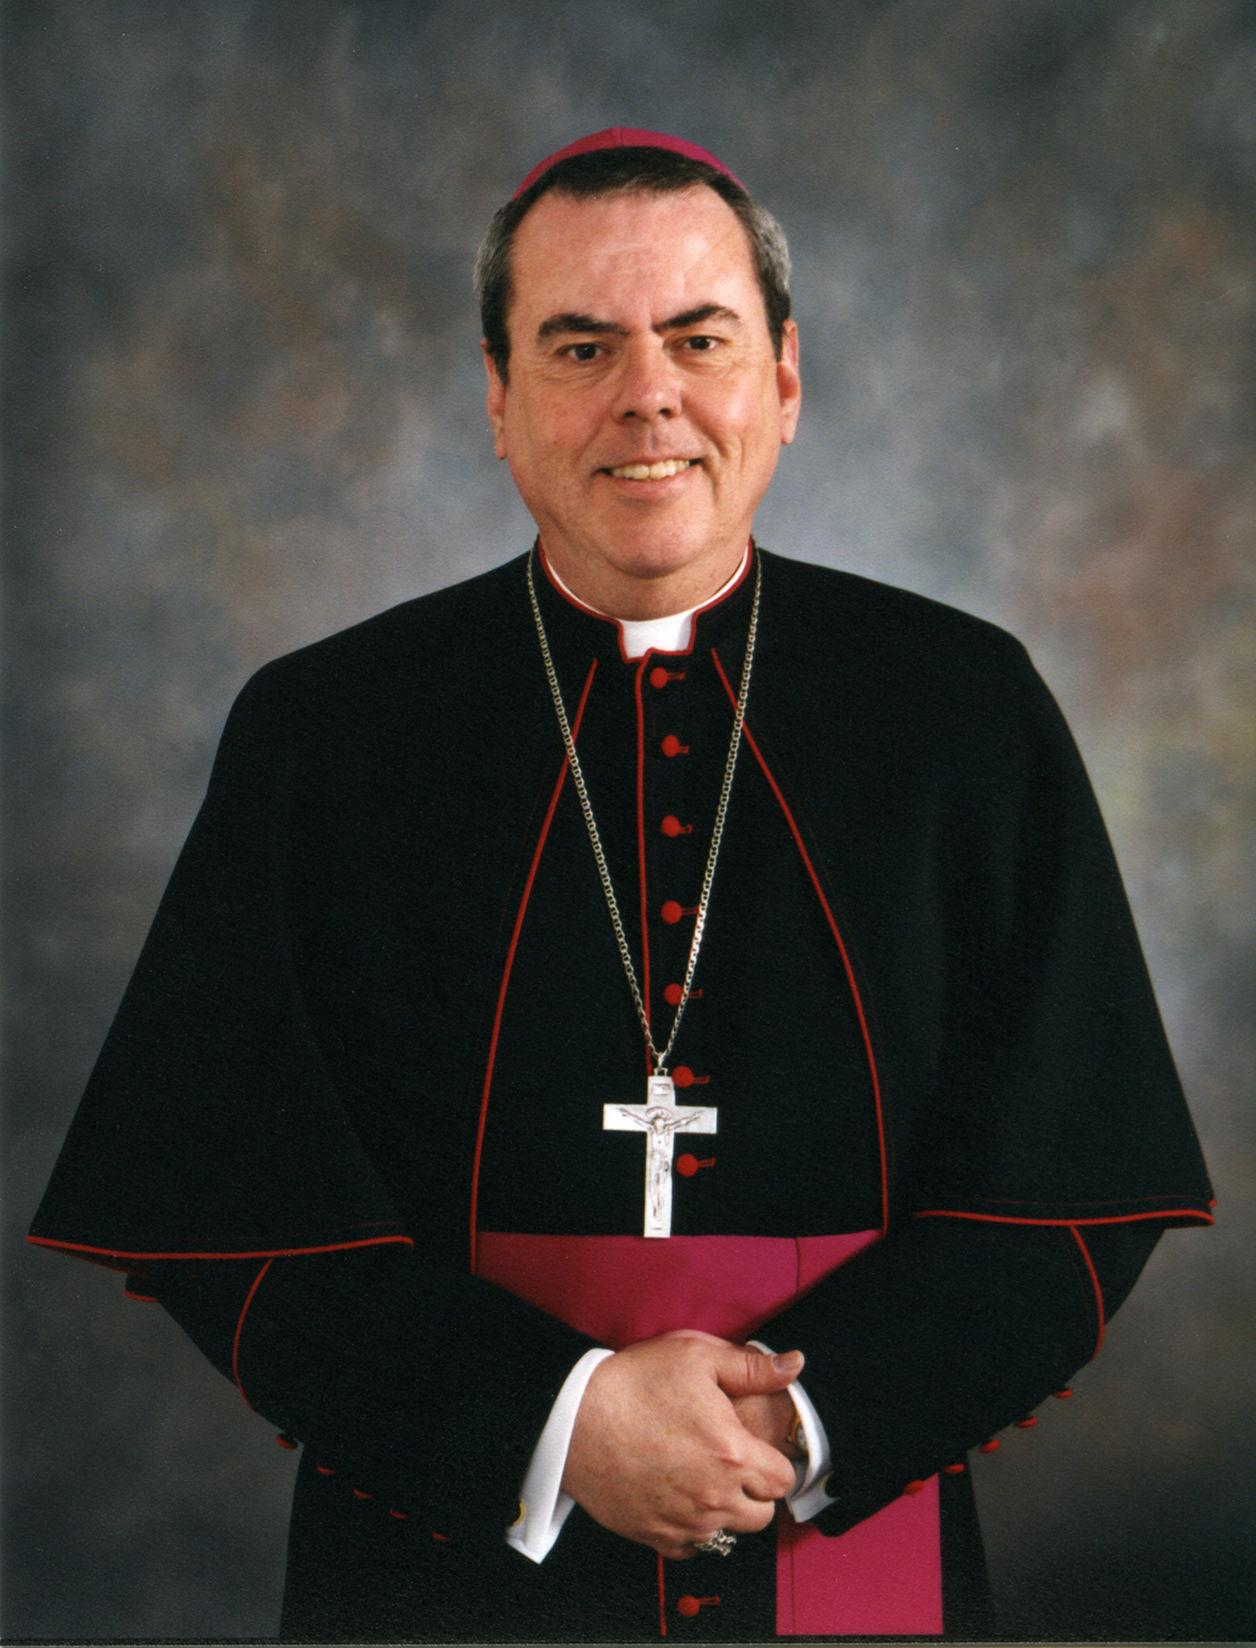 Diocese of colorado